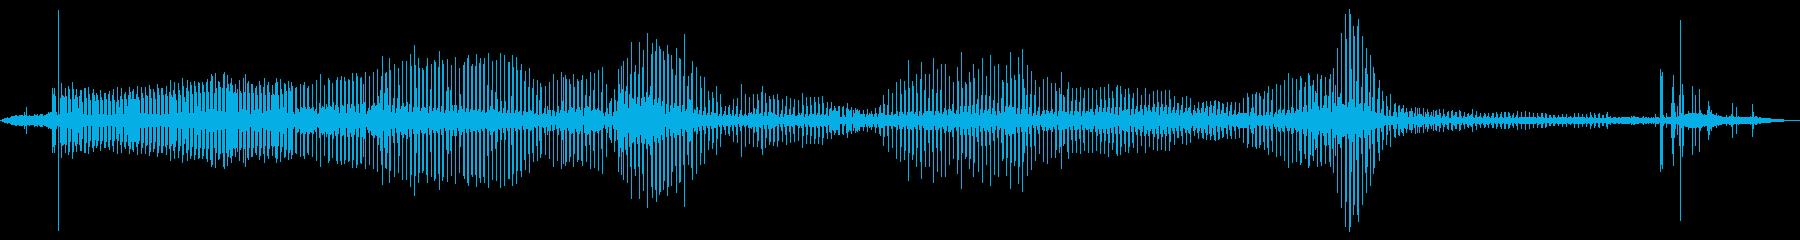 電磁干渉の再生済みの波形